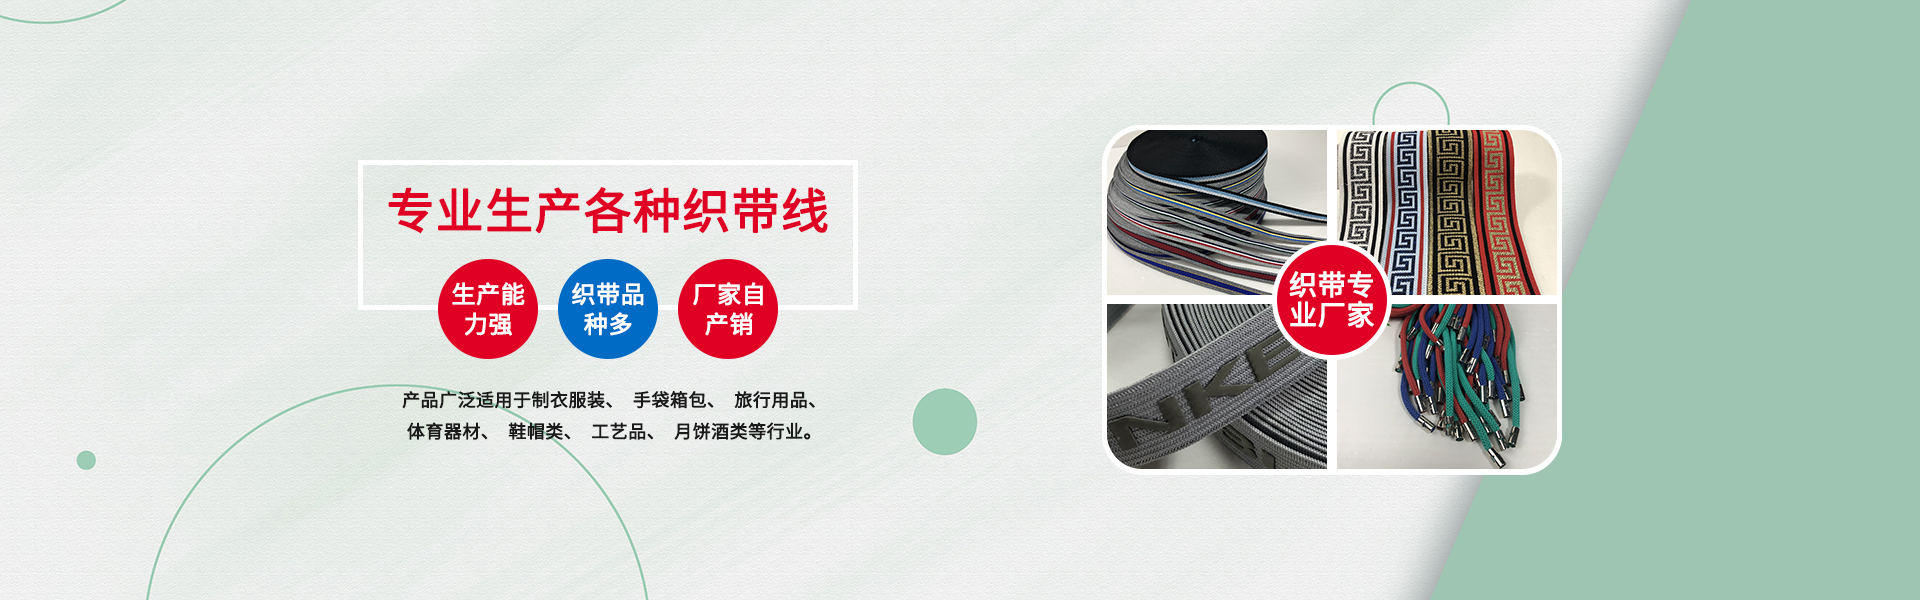 织带生产厂家 织带工厂